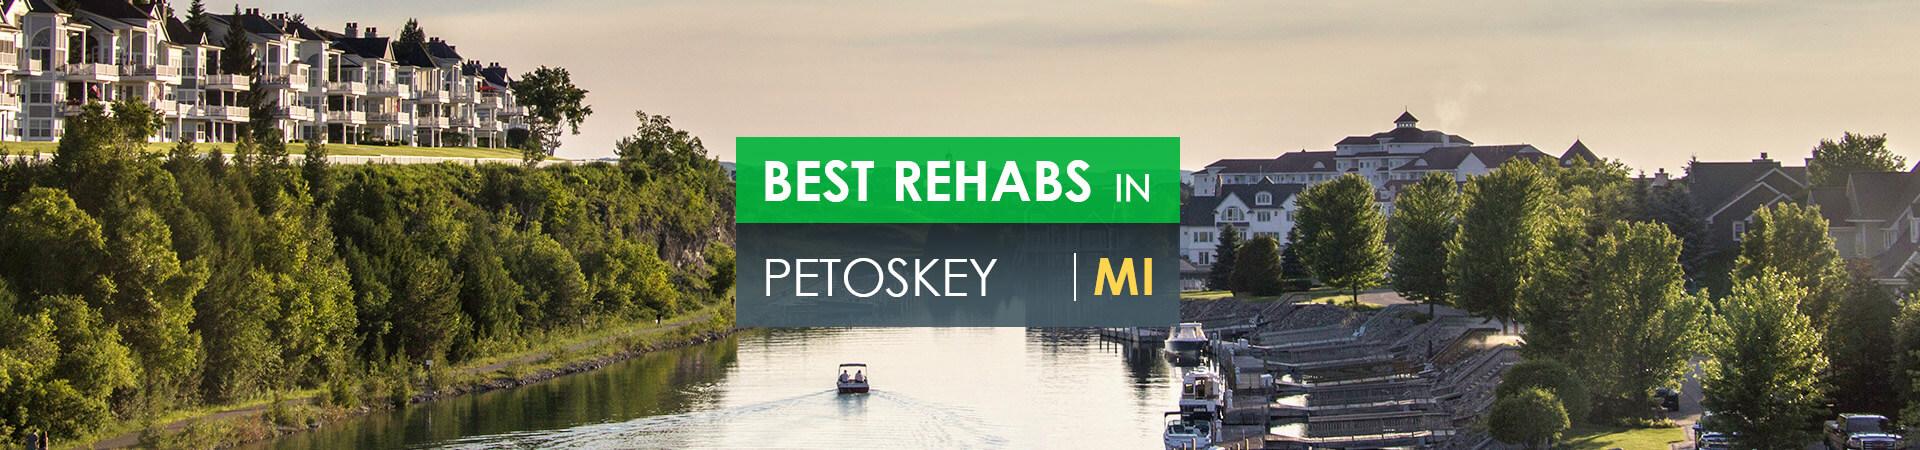 Best rehabs in Petoskey, MI